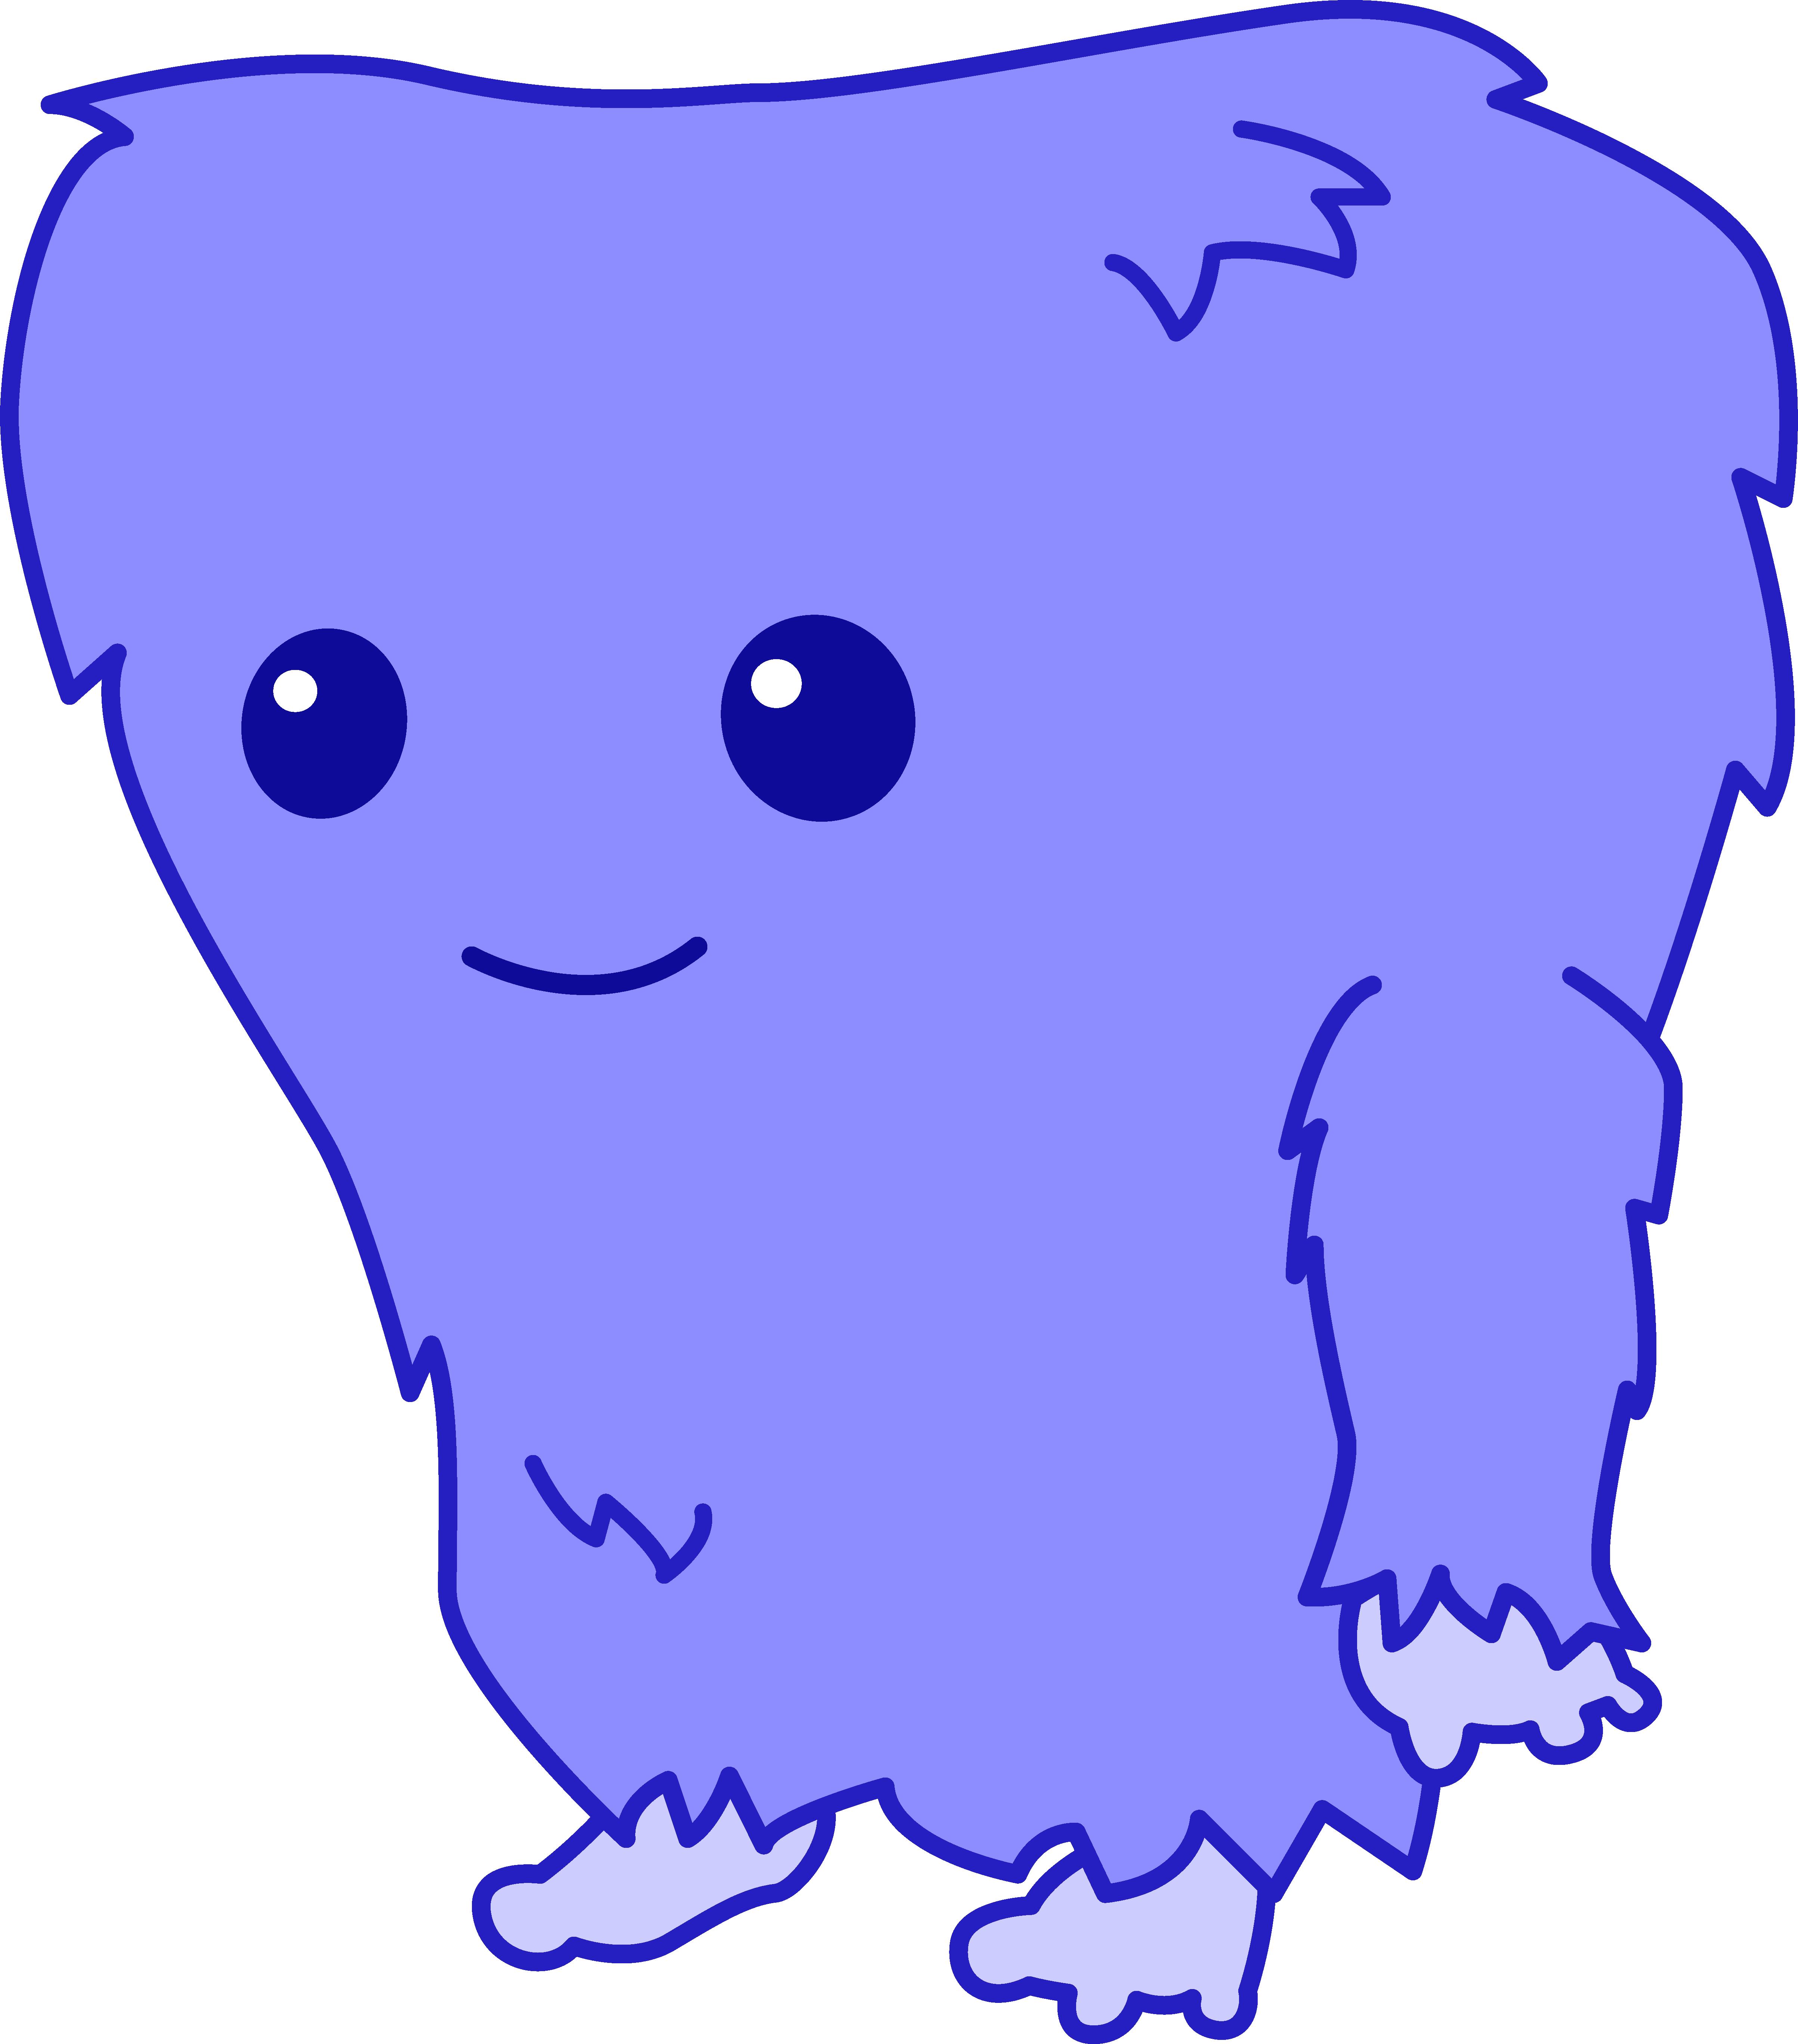 Furry clipart monster creature Monster Blue Art Fuzzy Blue